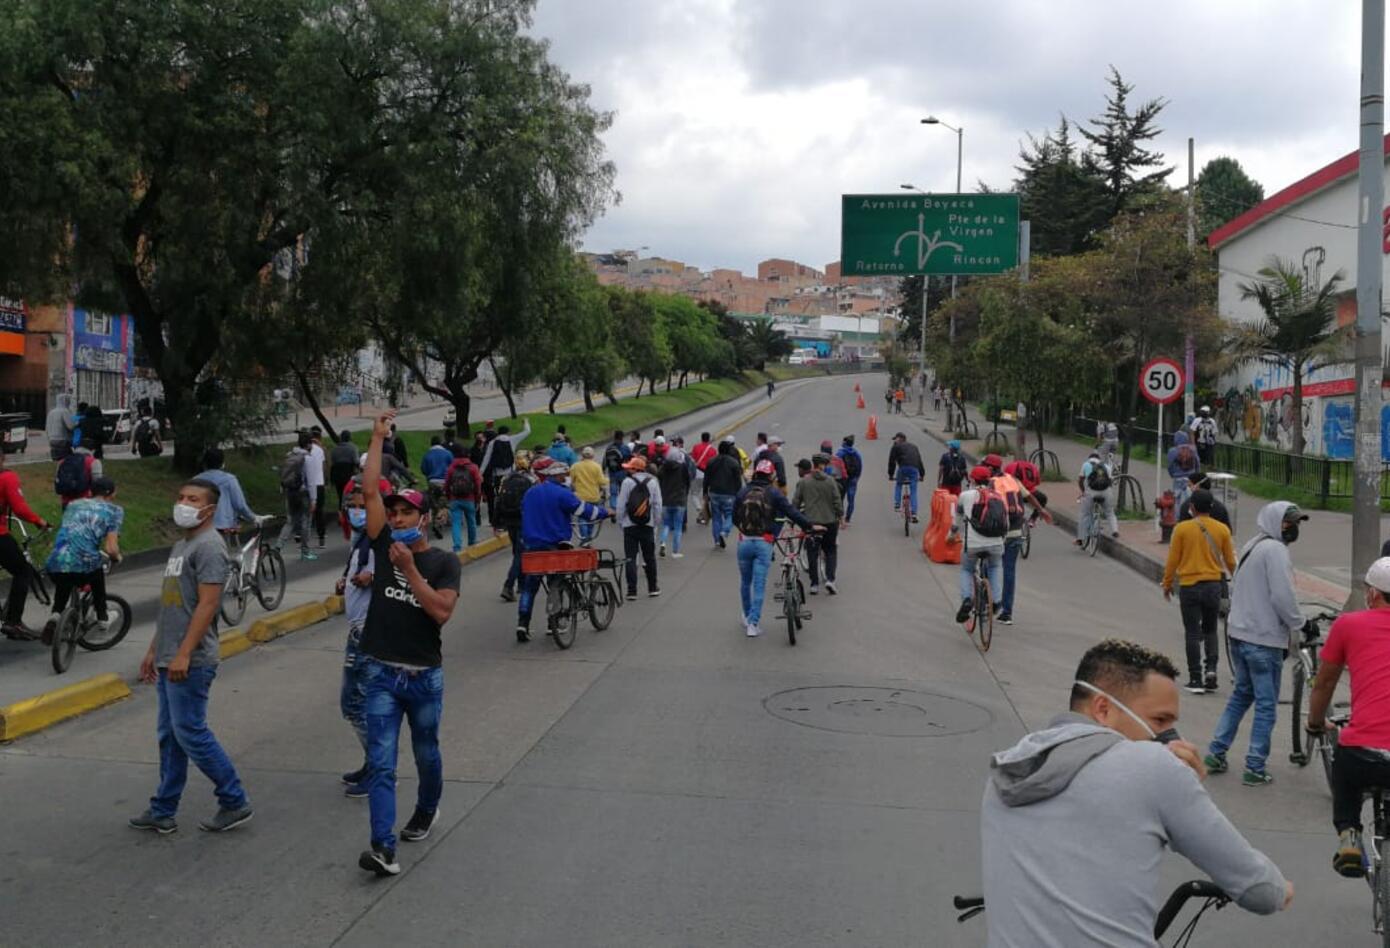 Cientos de personas se lanzaron a la calle a protestar por la falta de comida en medio del aislamiento.